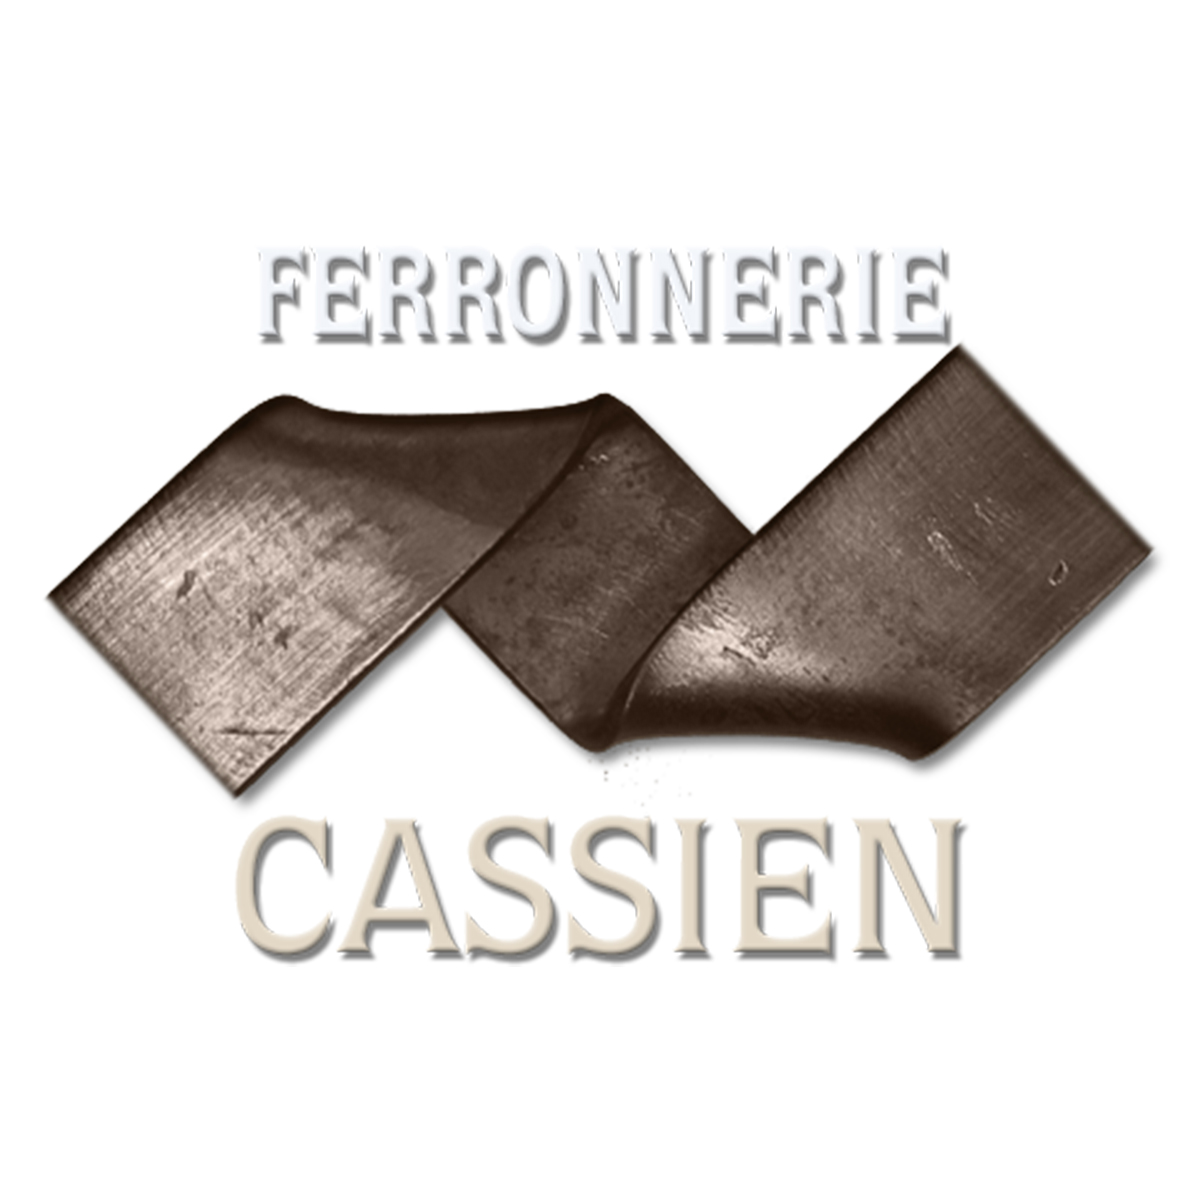 SARL FERRONNERIE CASSIEN